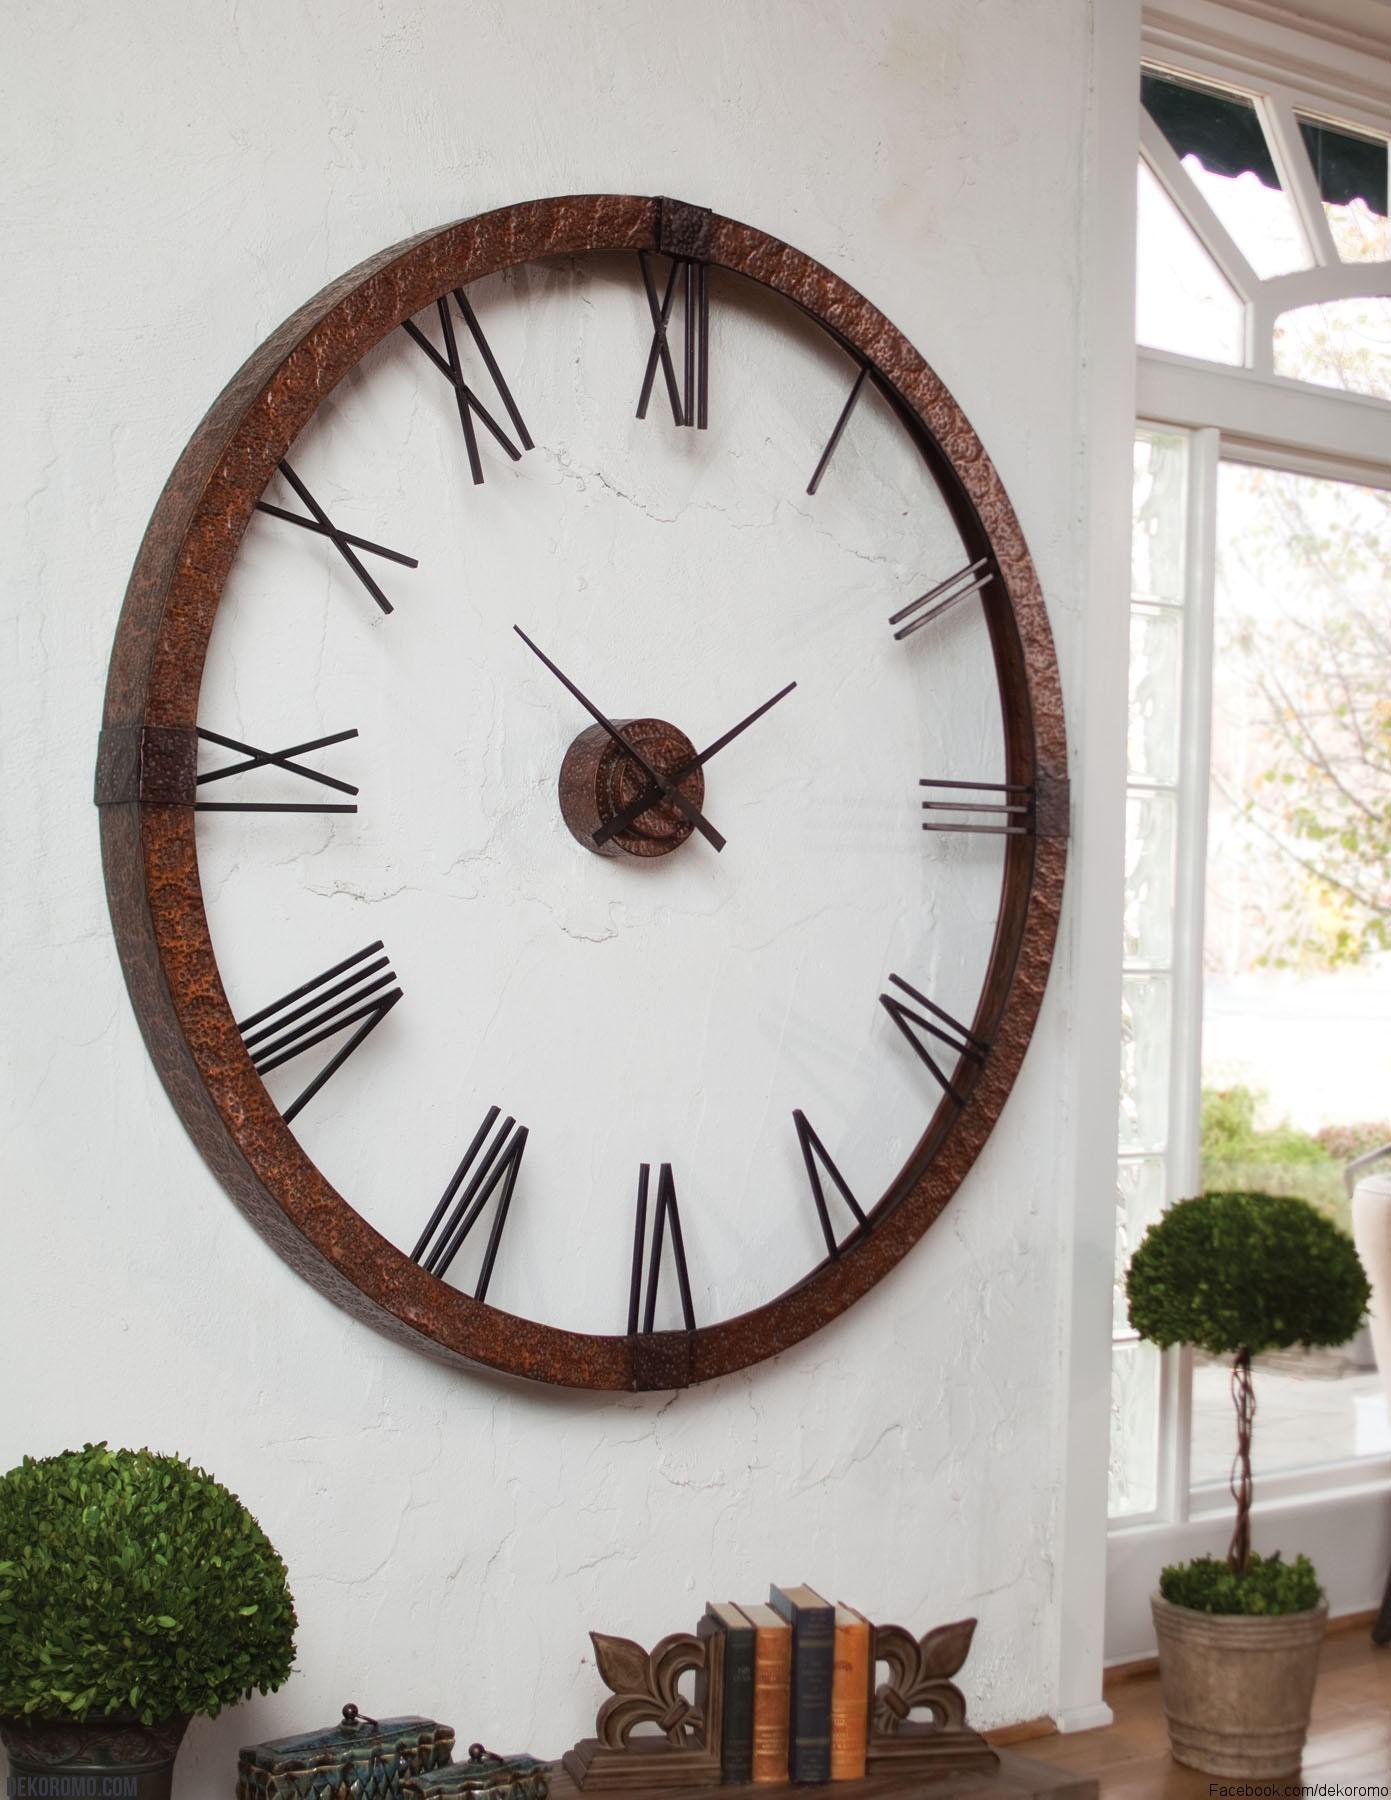 yeni moda buyuk saat modelleri